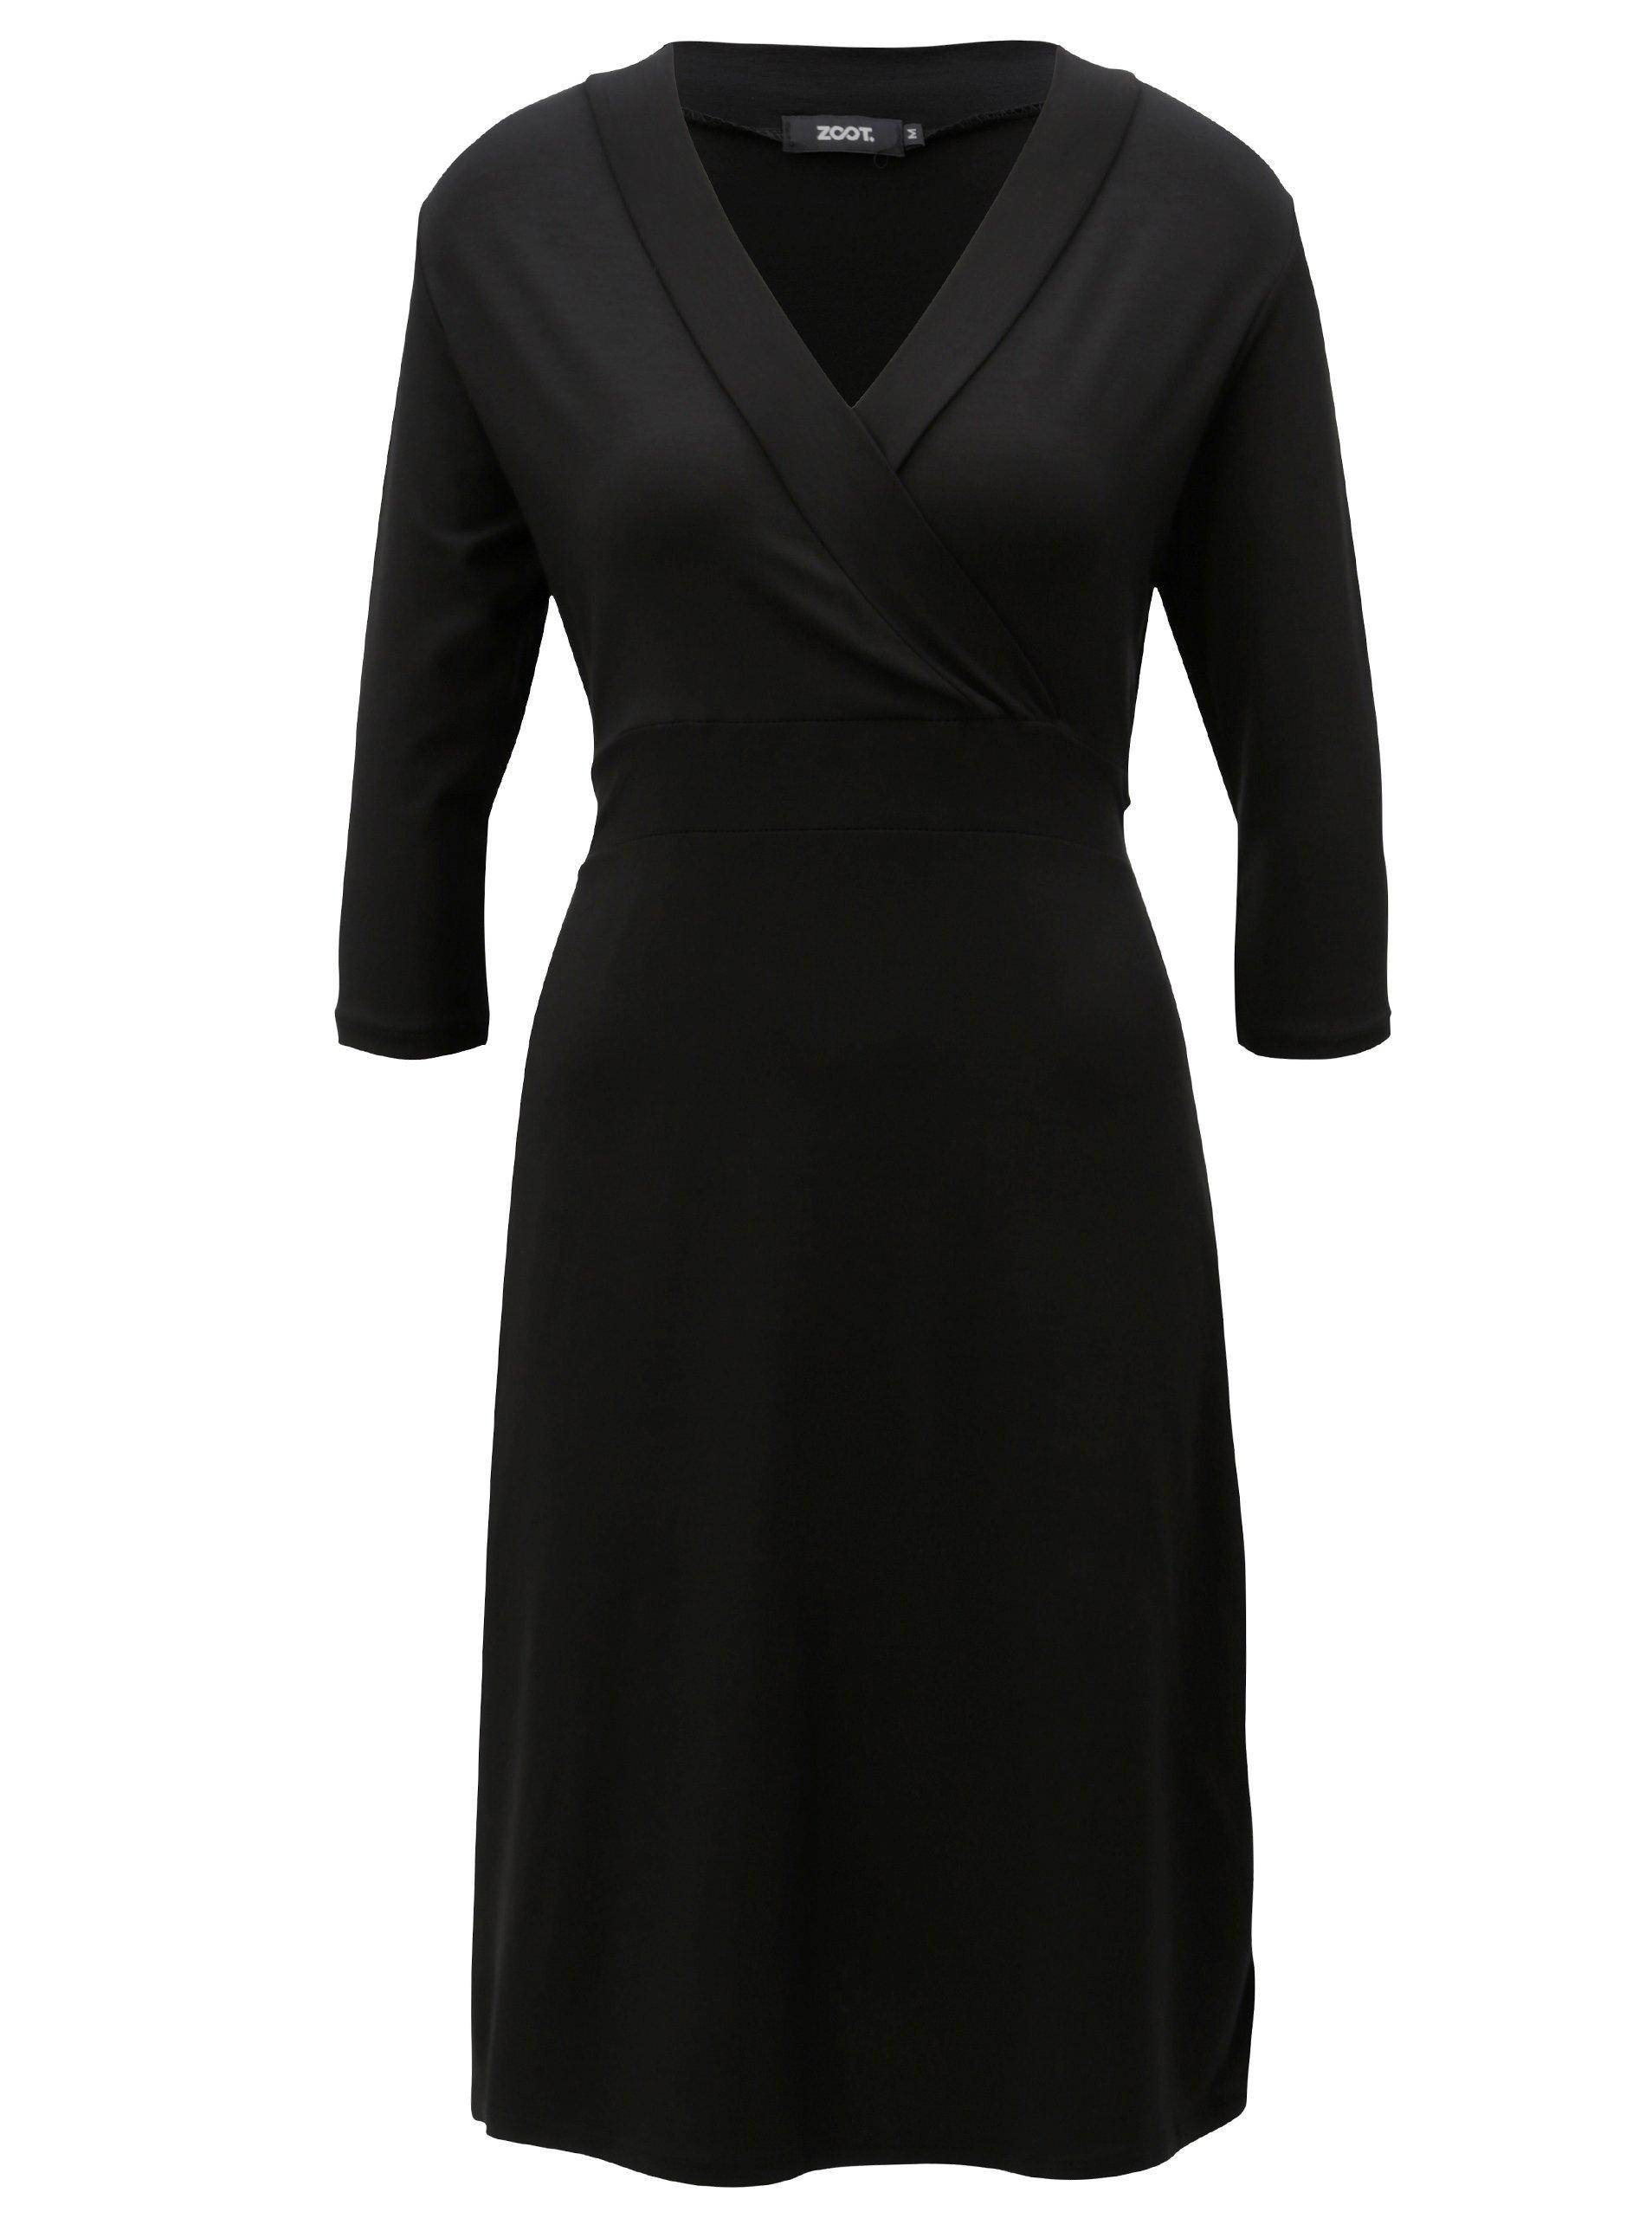 Čierne šaty s prekladaným výstrihom ZOOT  2231507dd5f